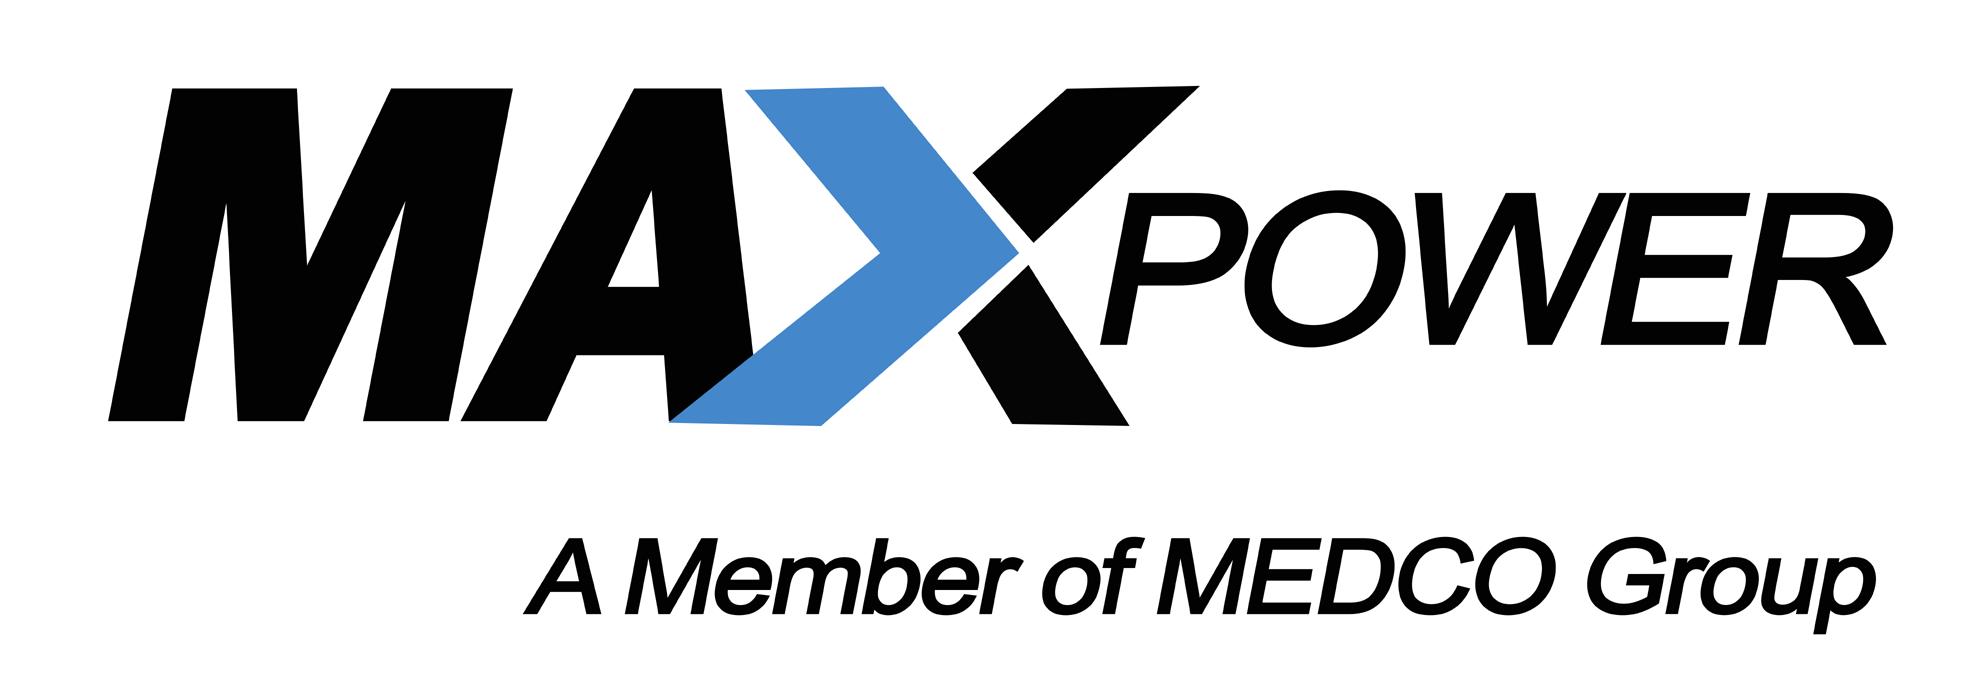 logo-maxpower-right